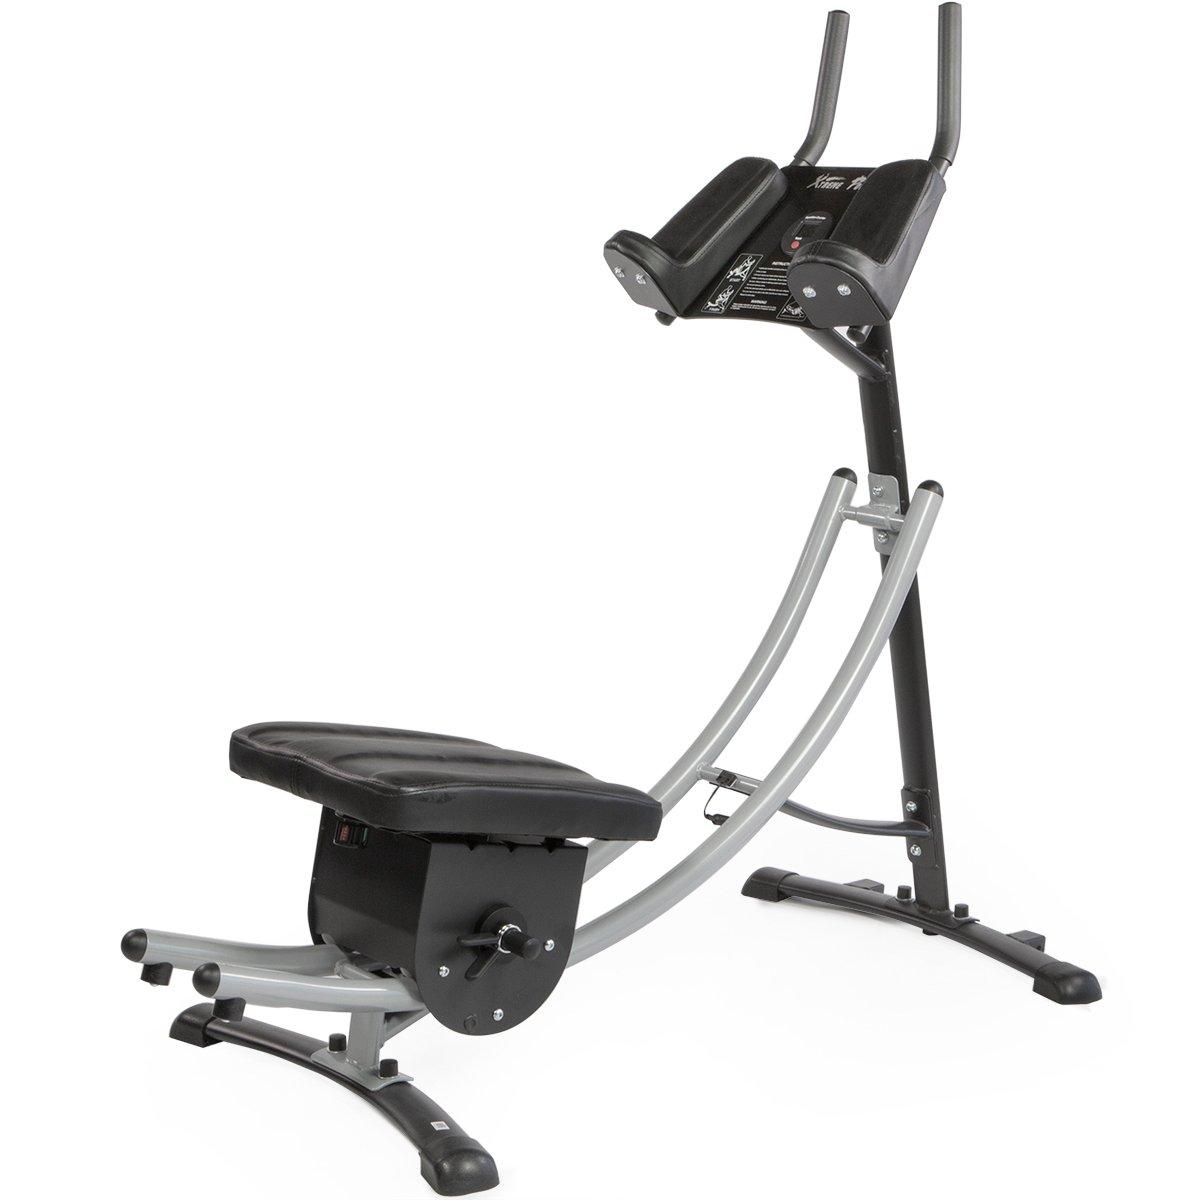 XtremepowerUS Abdonimal Crunch Coaster Fitness Equipment, Workout Machine by XtremepowerUS